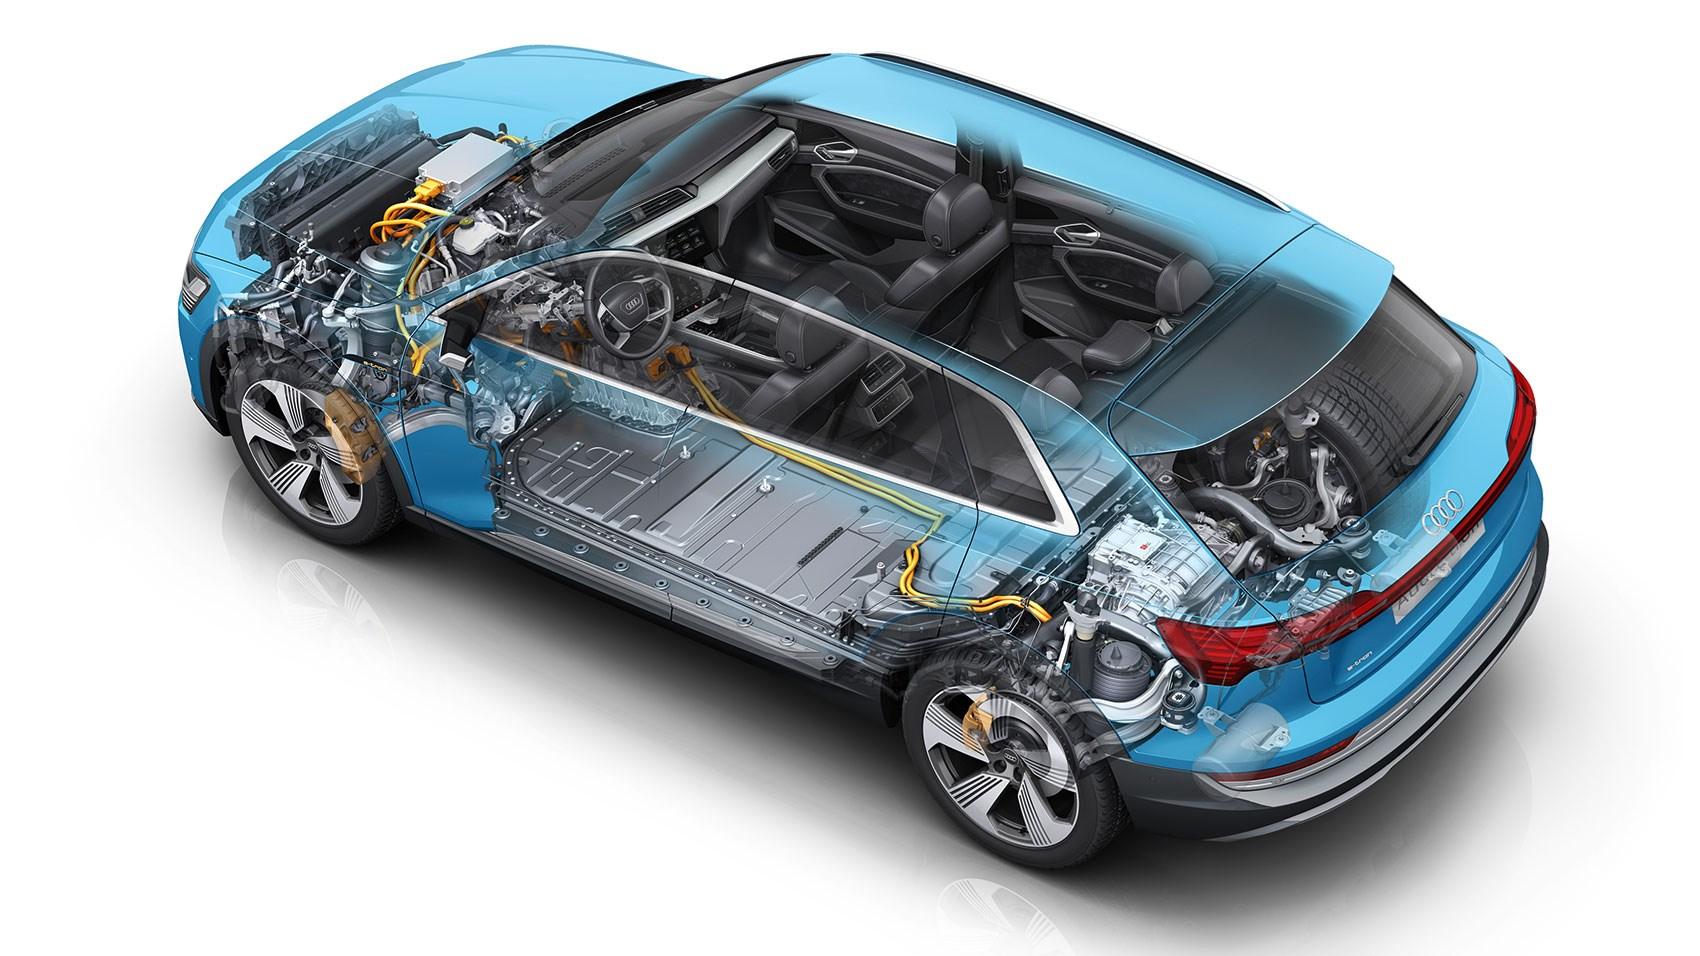 Audi e-tron technical